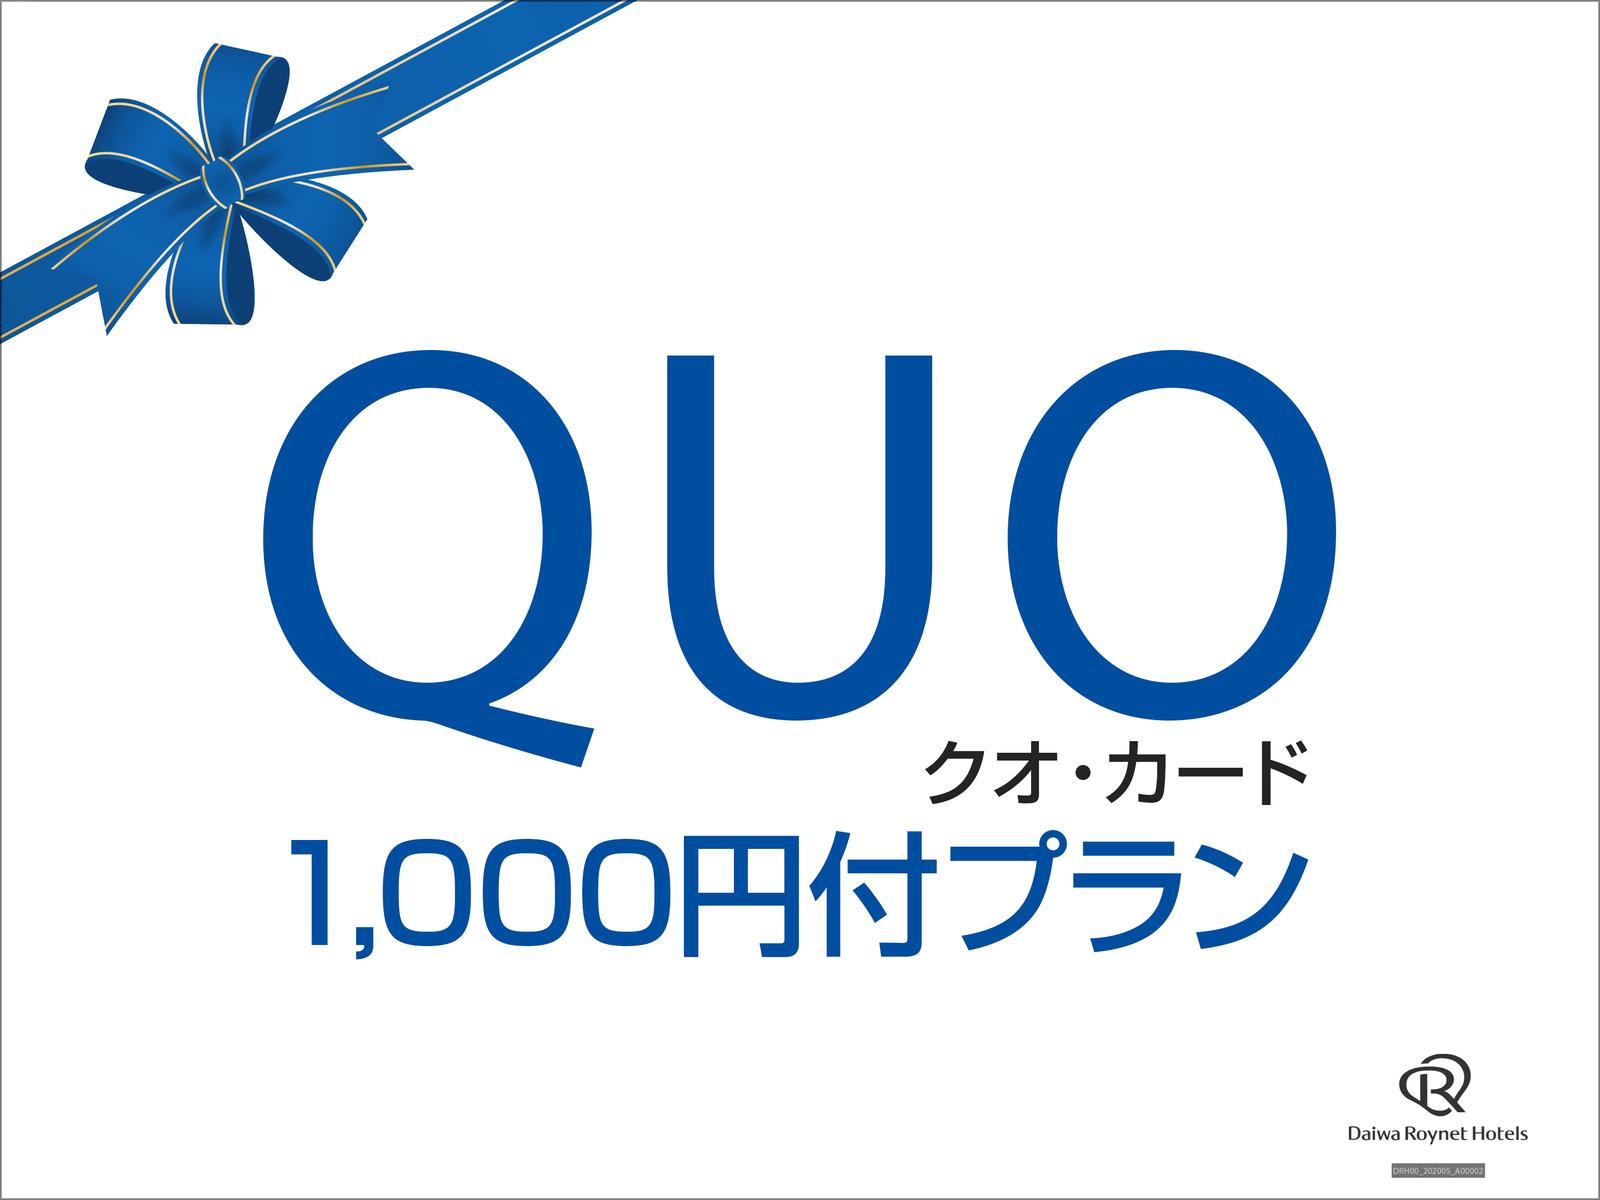 ダイワロイネットホテル博多祇園 【QUOカード1,000円付★素泊り】ビジネスサポートプラン